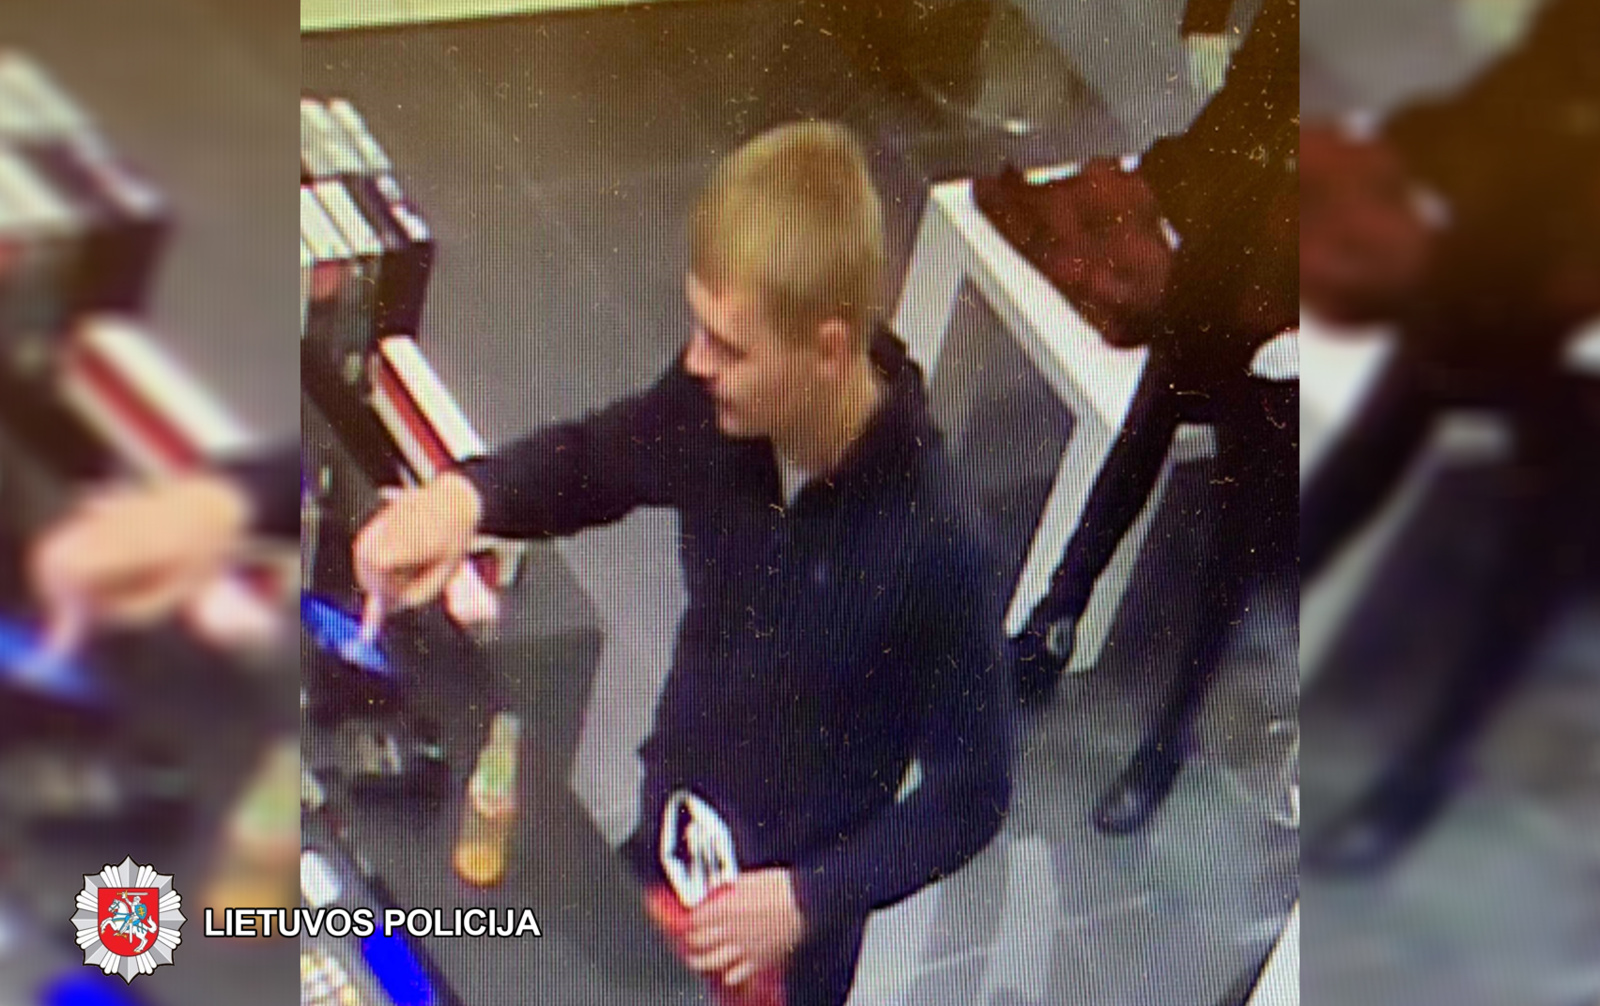 Panevėžyje ieškomas iš parduotuvės dvi poras kojinių pavogęs vyras